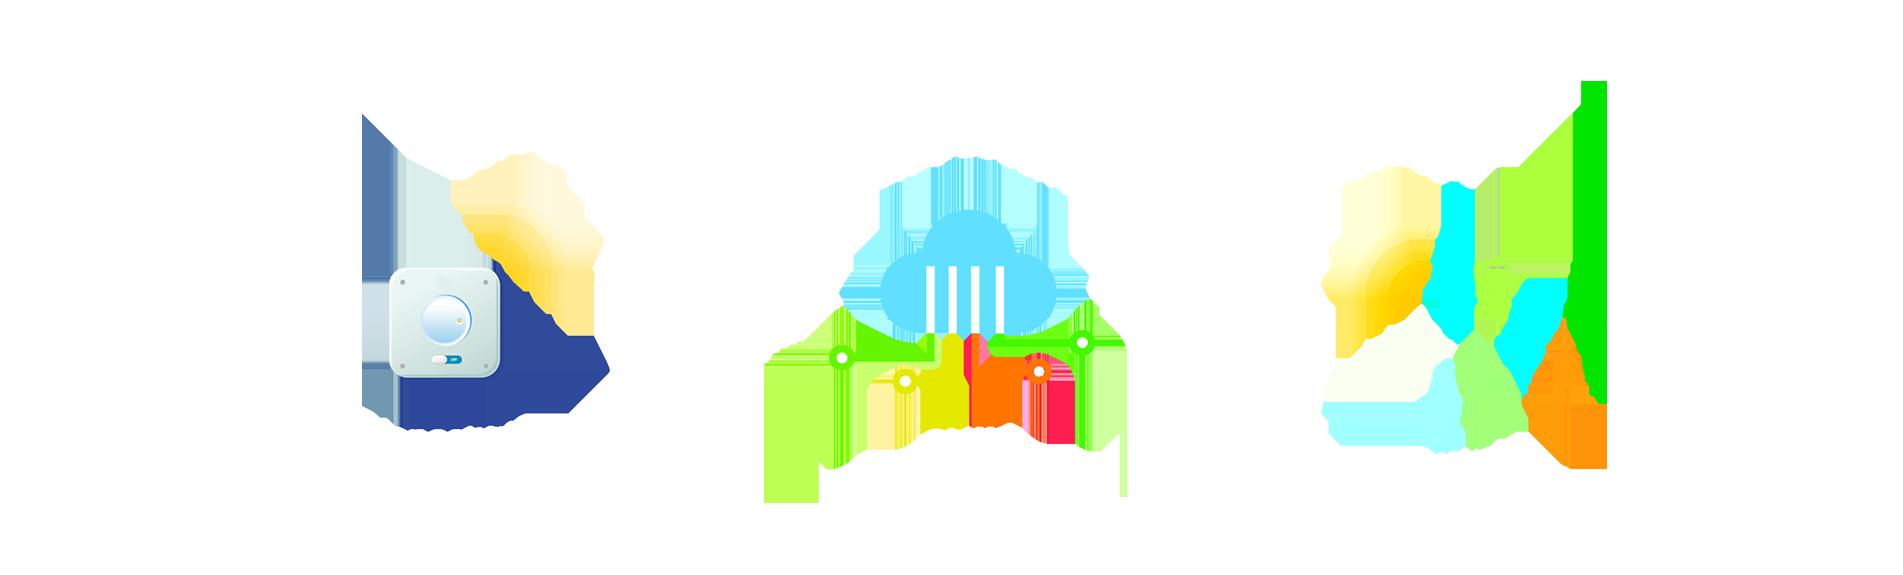 Soluciones Iot y m2m de Movildat. SIGFOX y Cloud